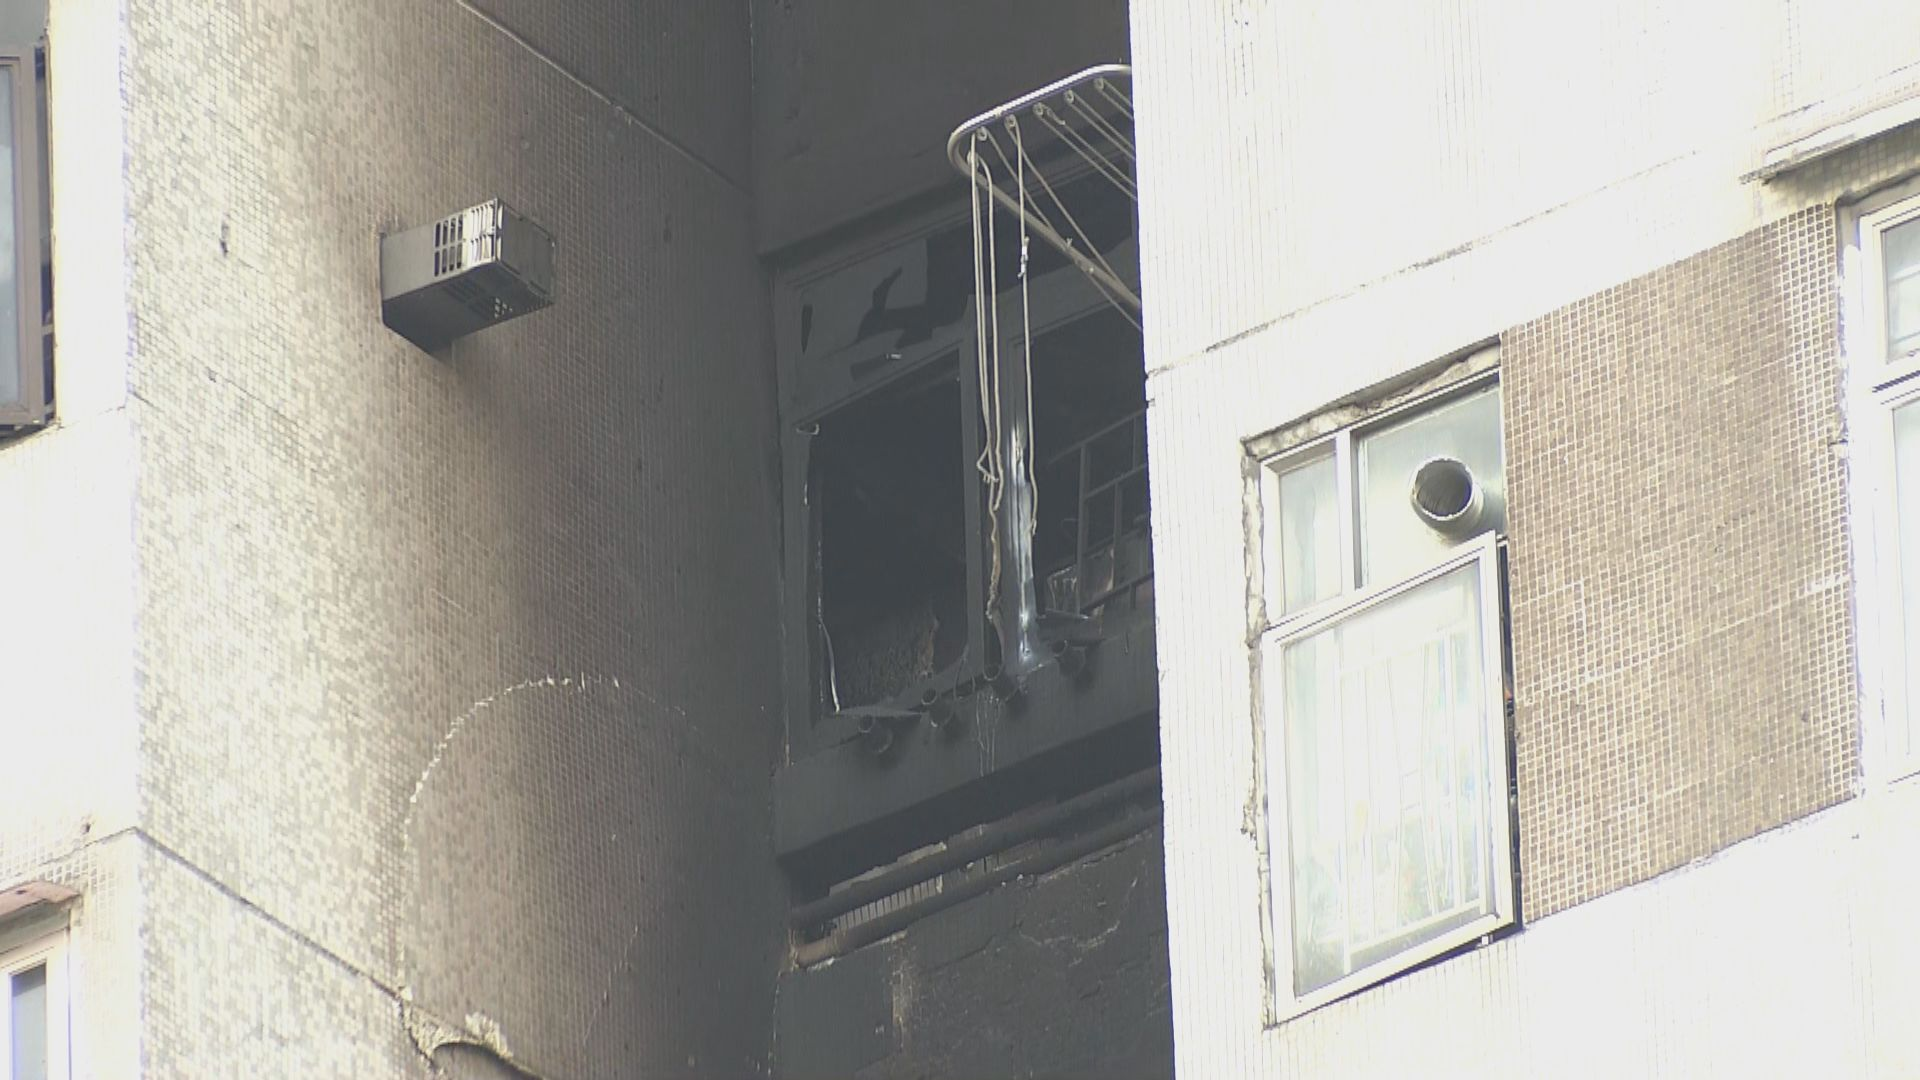 豐盛苑致命火警 消防派員調查喉轆無水原因